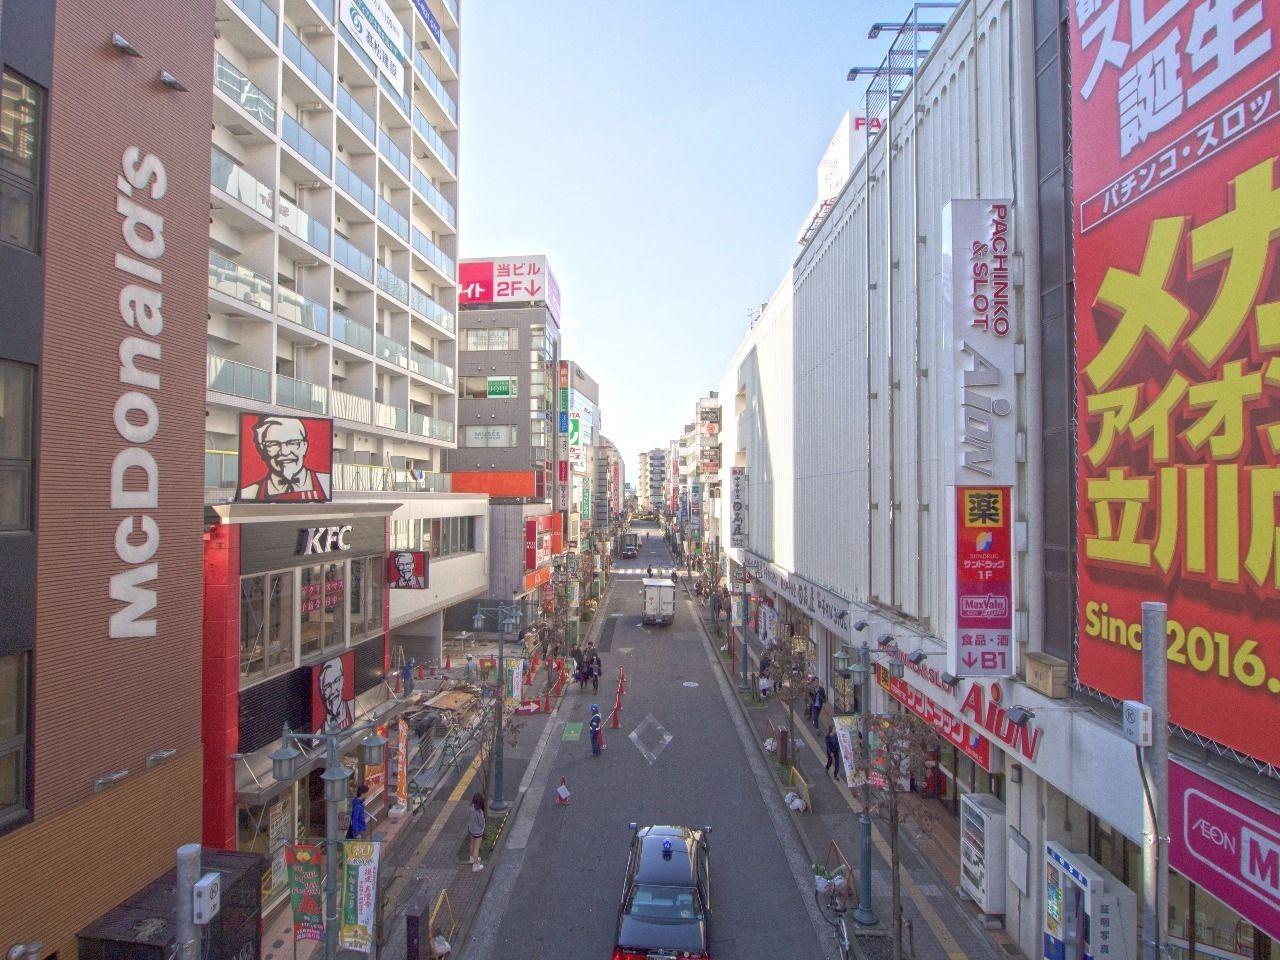 諏訪通り沿いには様々な店舗が立ち並びます